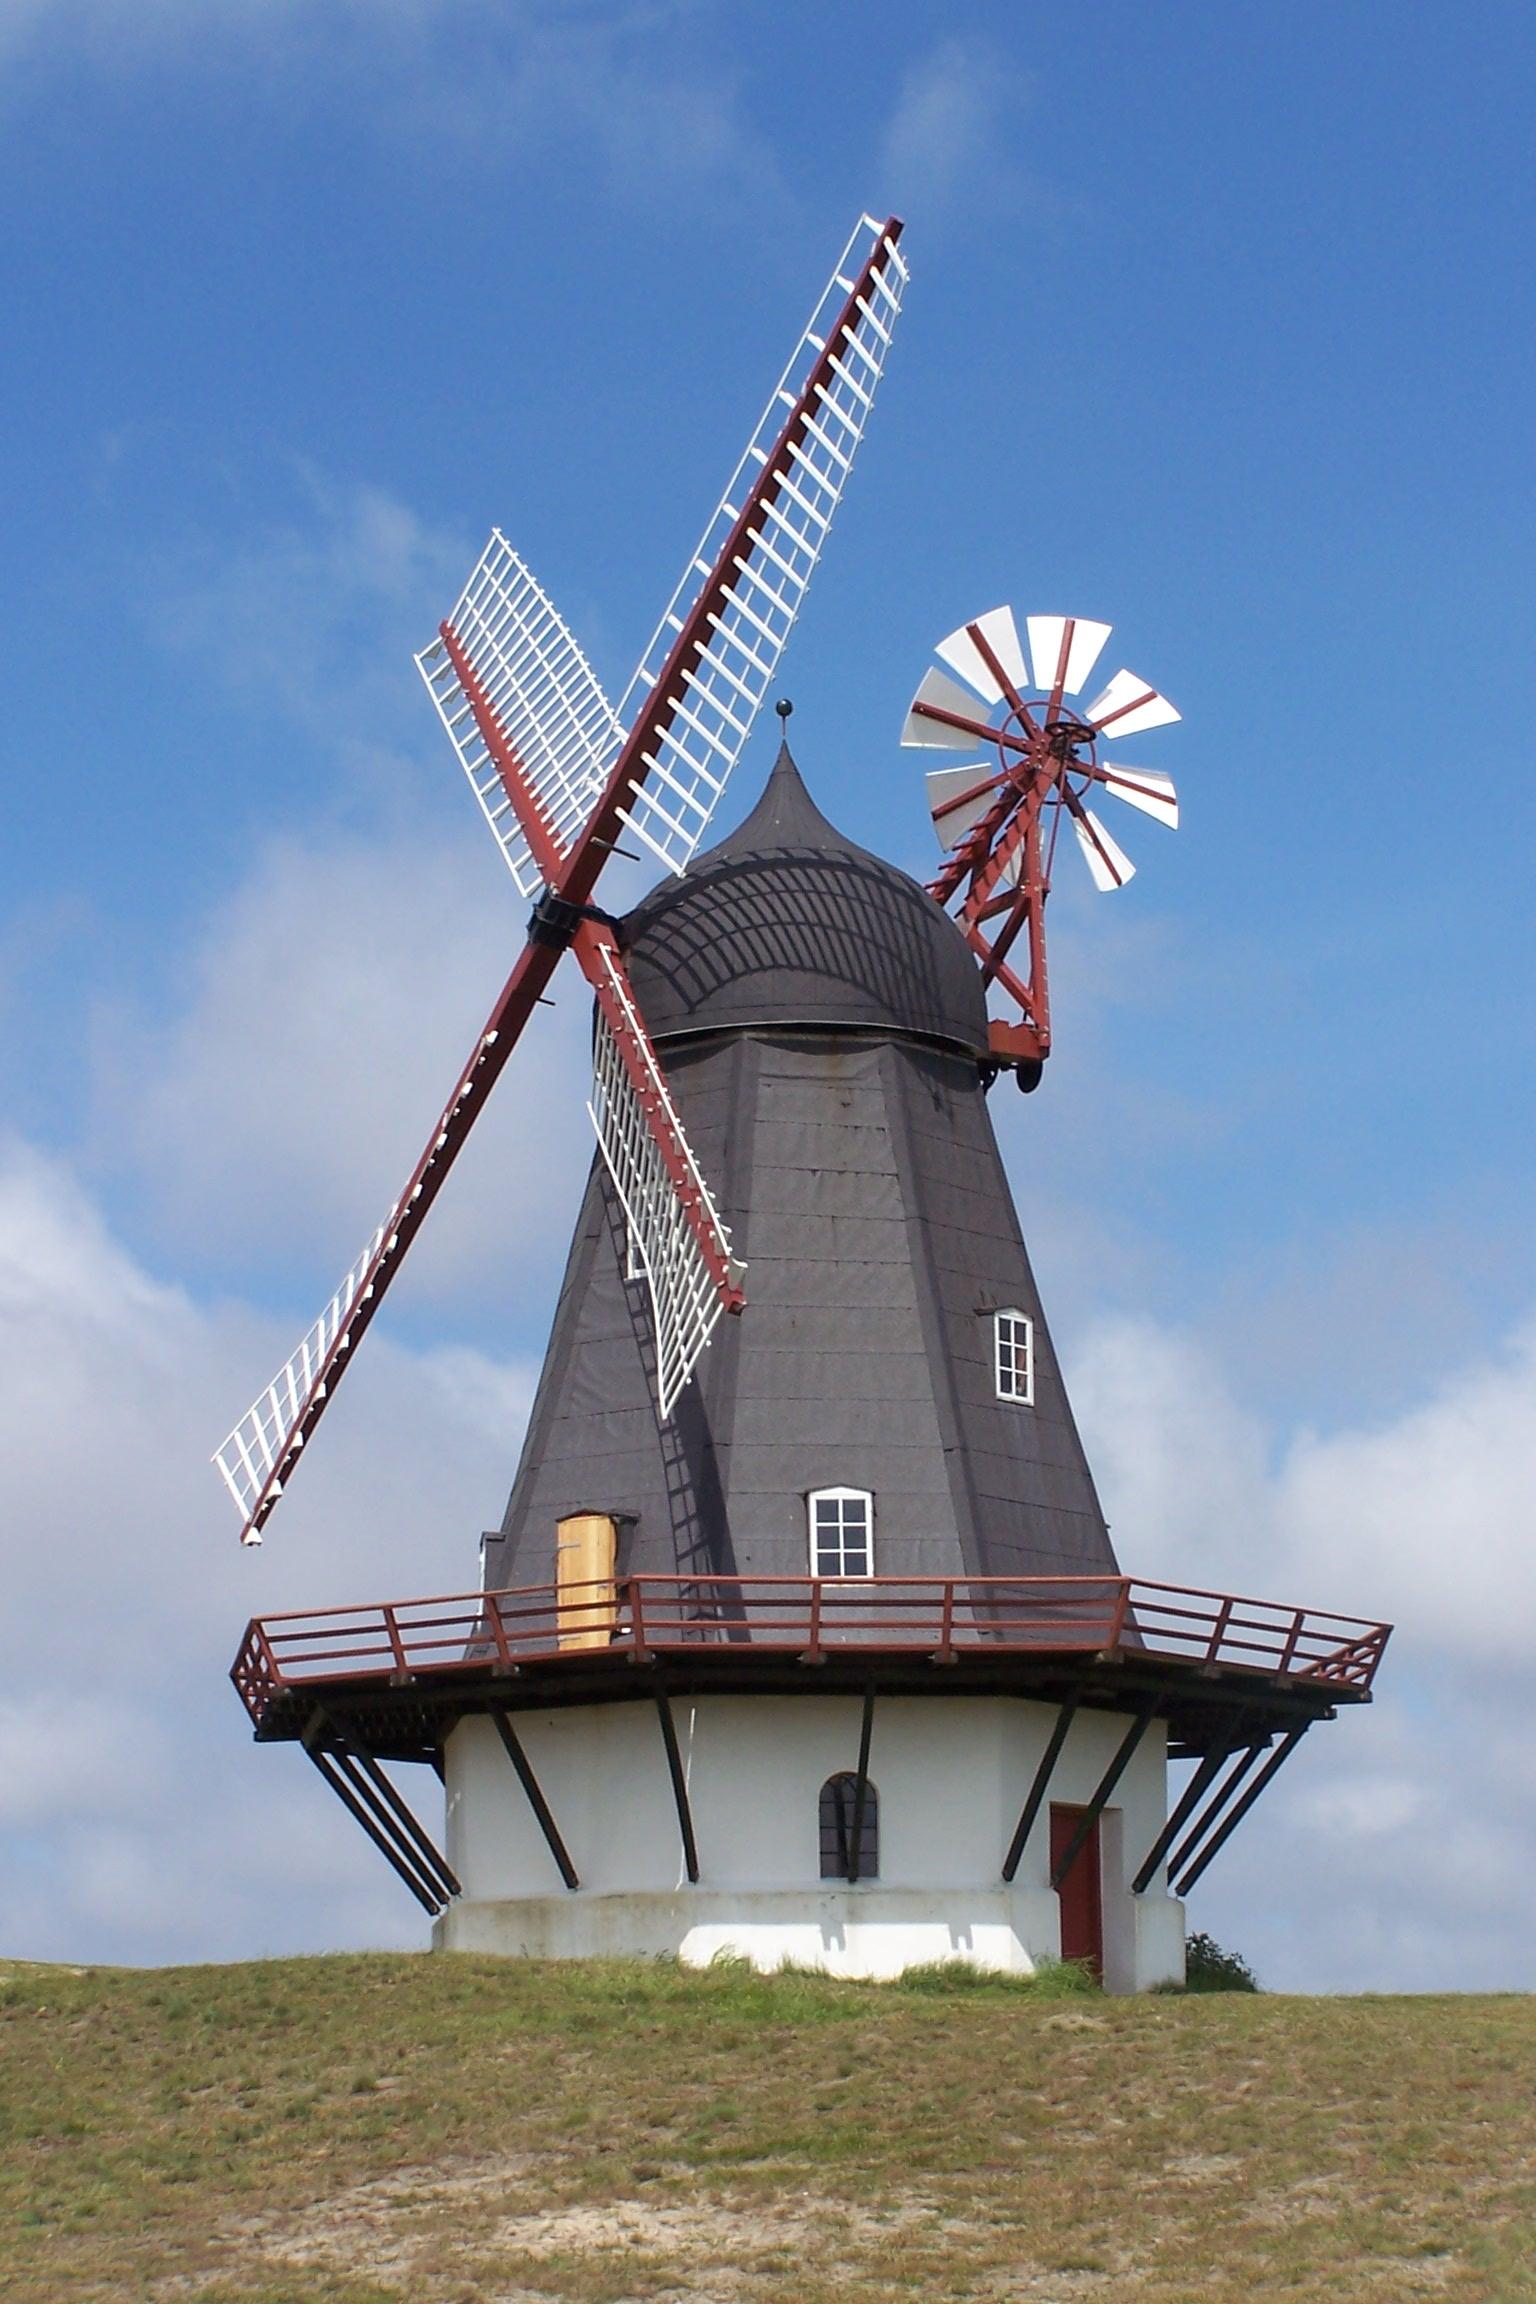 File:DK Fanoe Windmill01.JPG - Wikipedia, the free encyclopedia